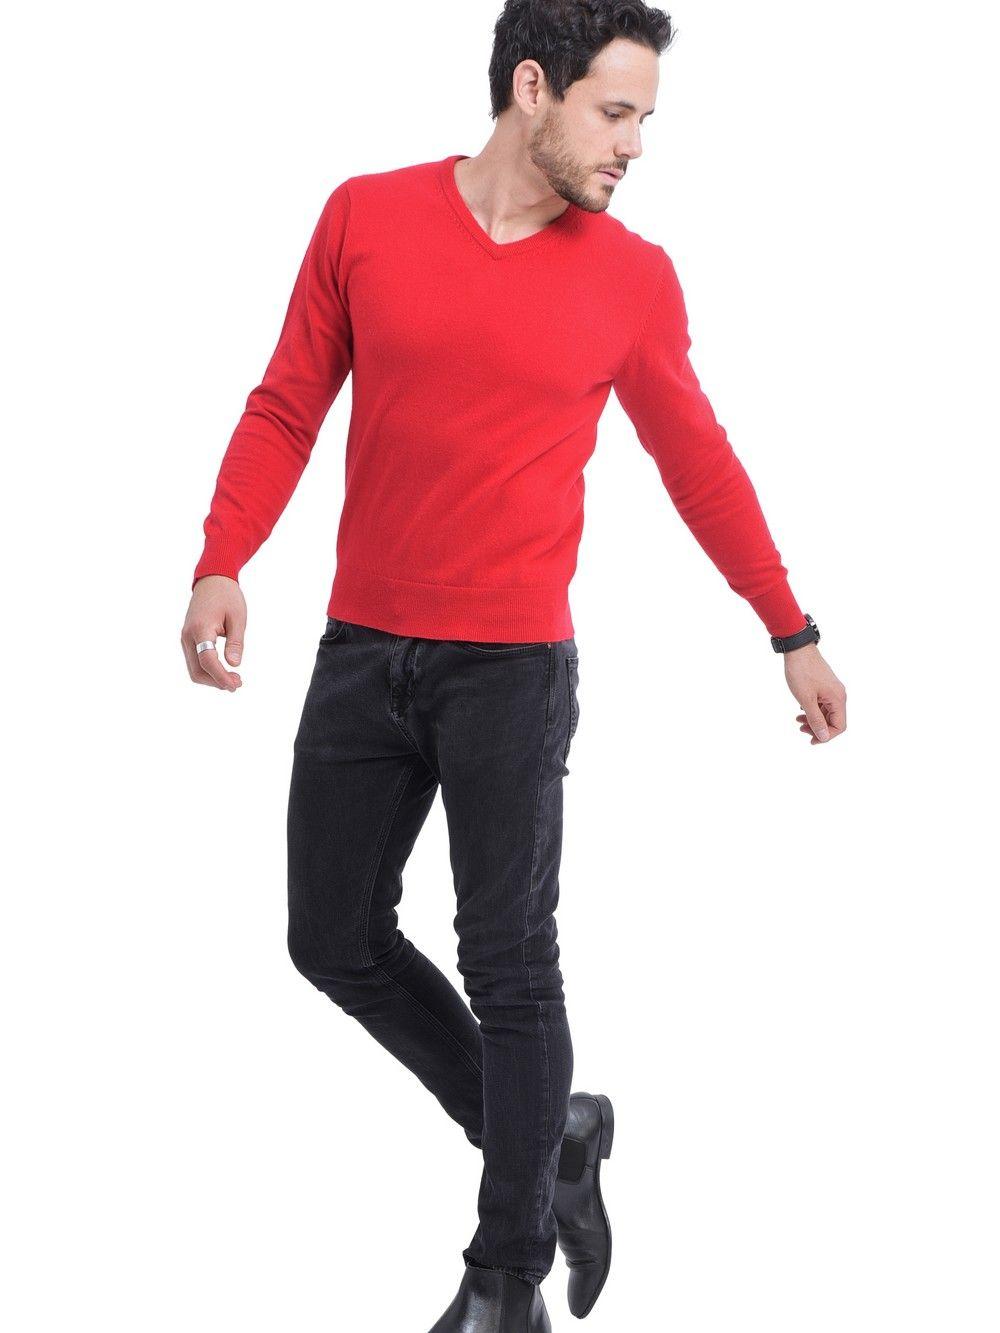 C&JO V-neck Sweater in Red